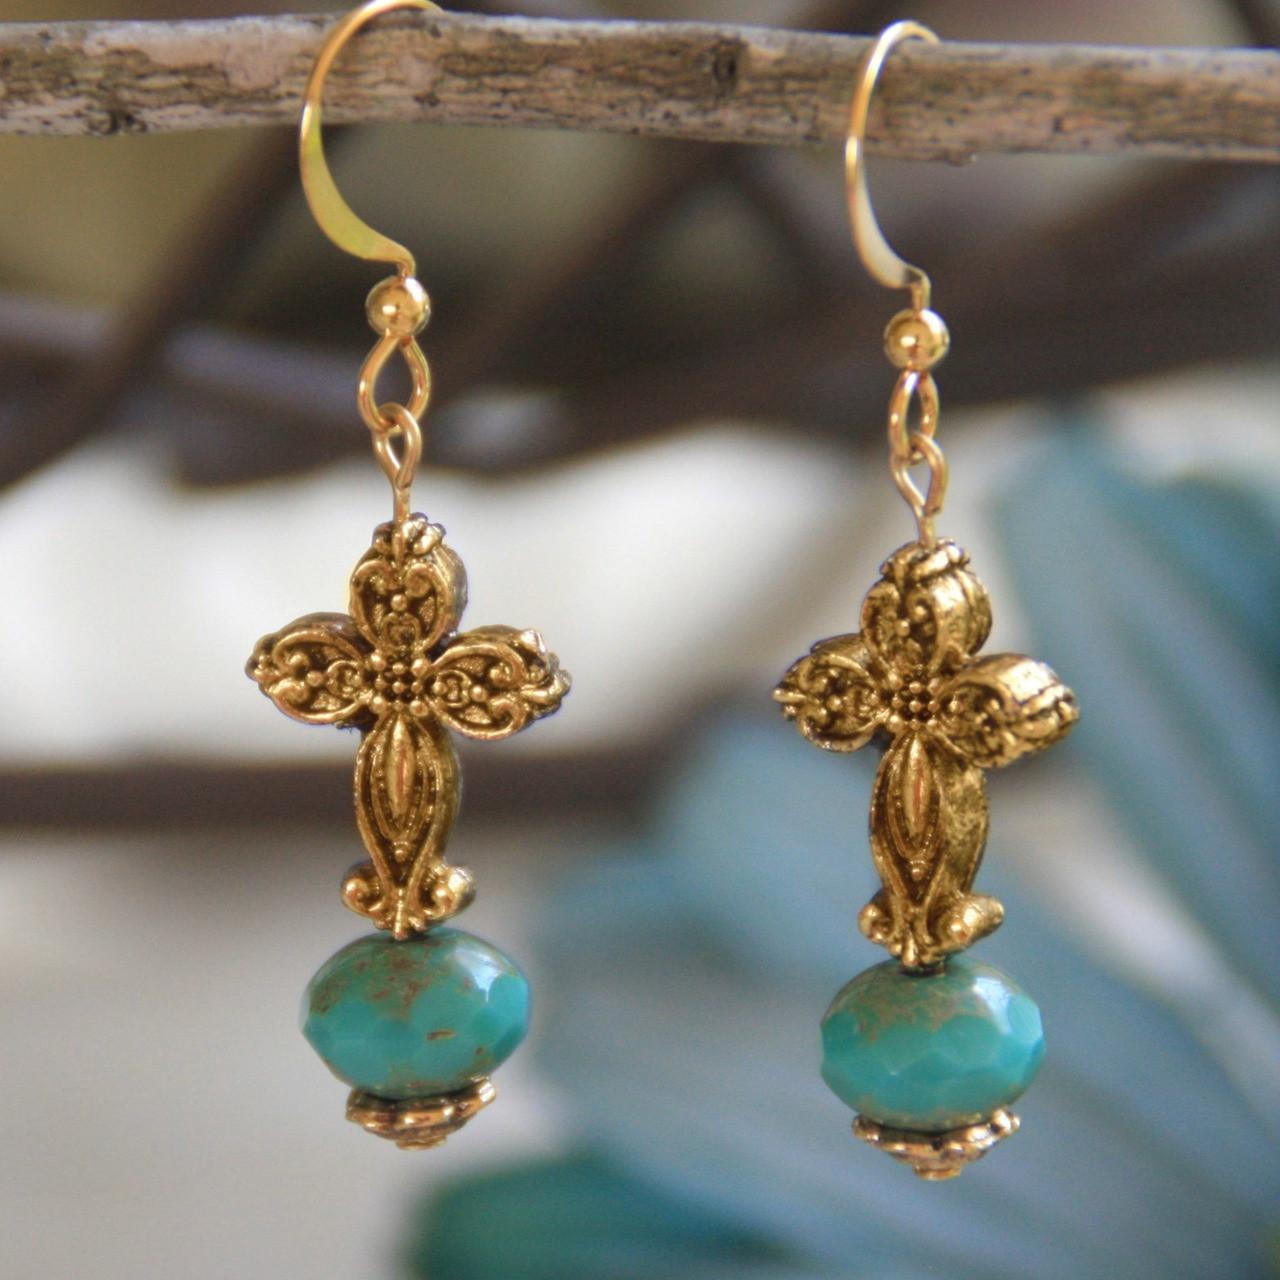 IN-707 Turquoise Glass Cross Earrings